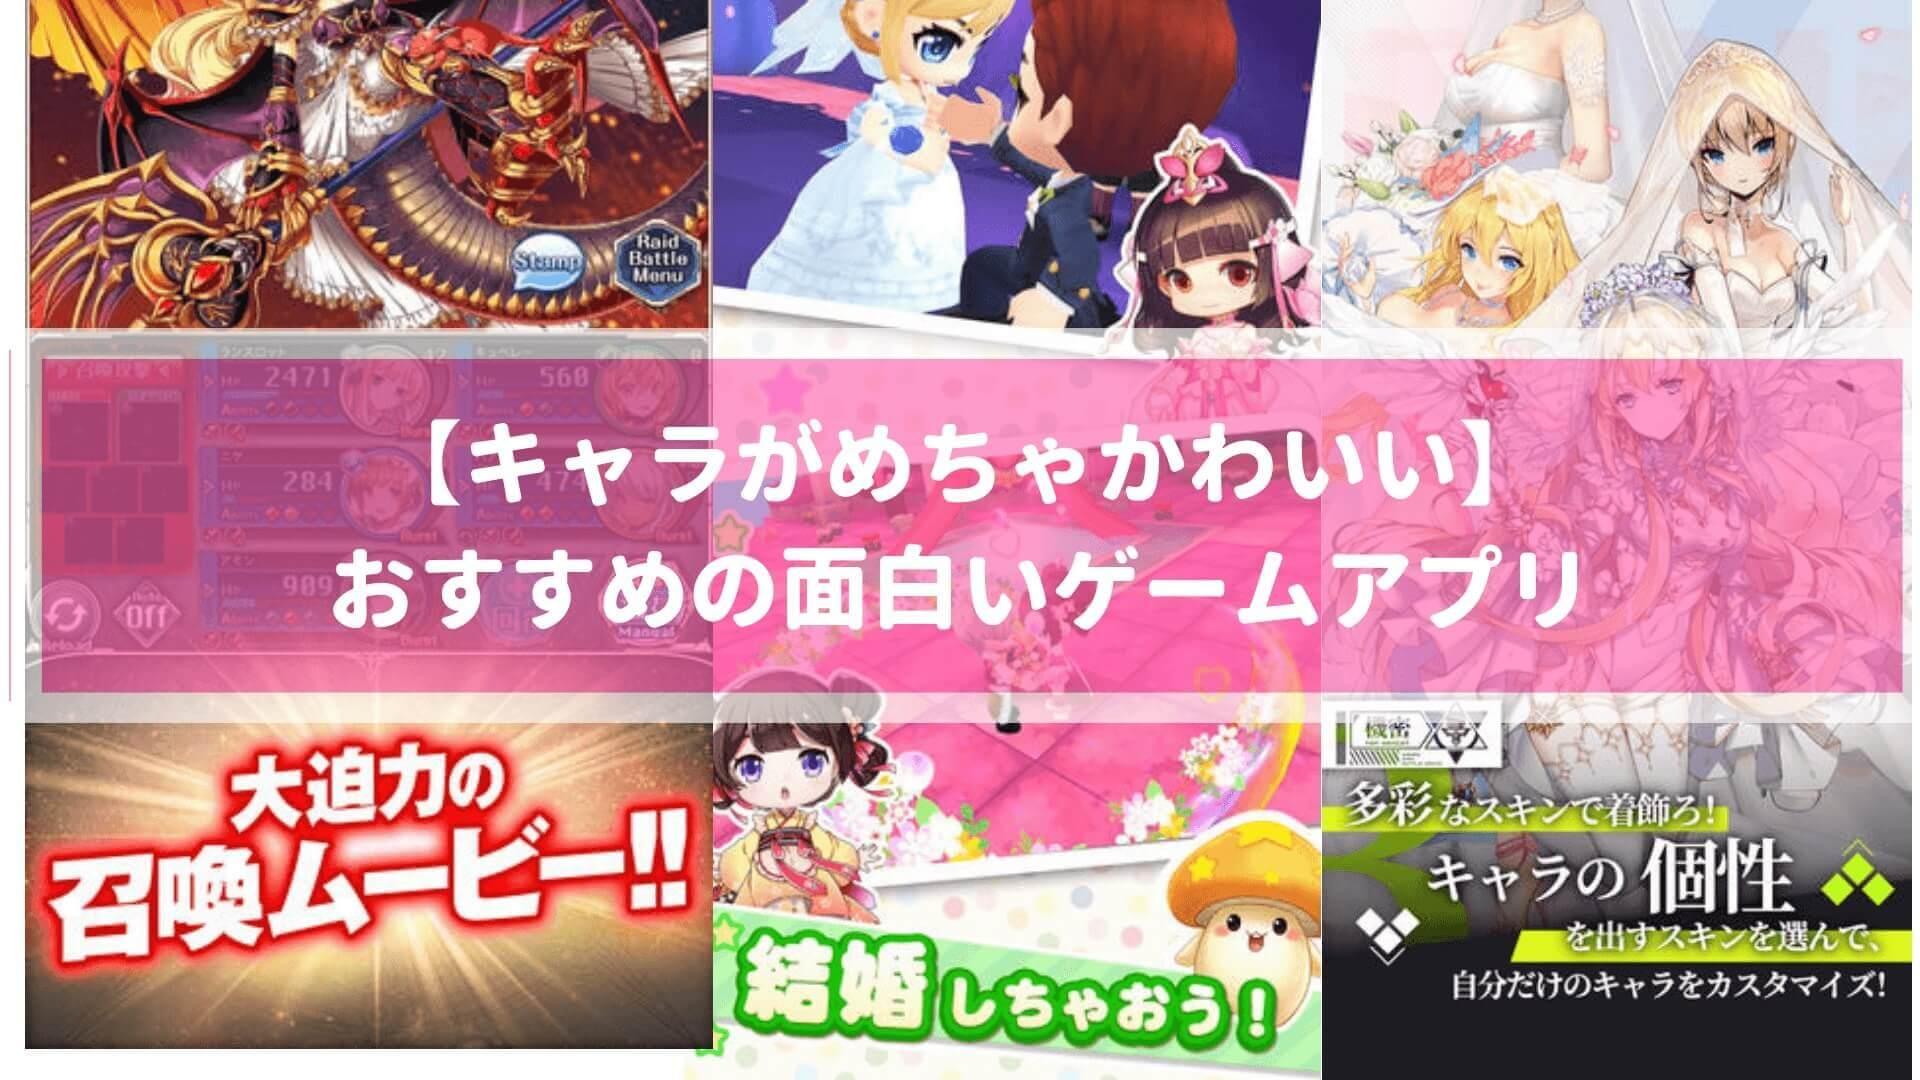 【キャラが魅力的でかわいい】おすすめの面白いゲームアプリまとめ!厳選 (1)